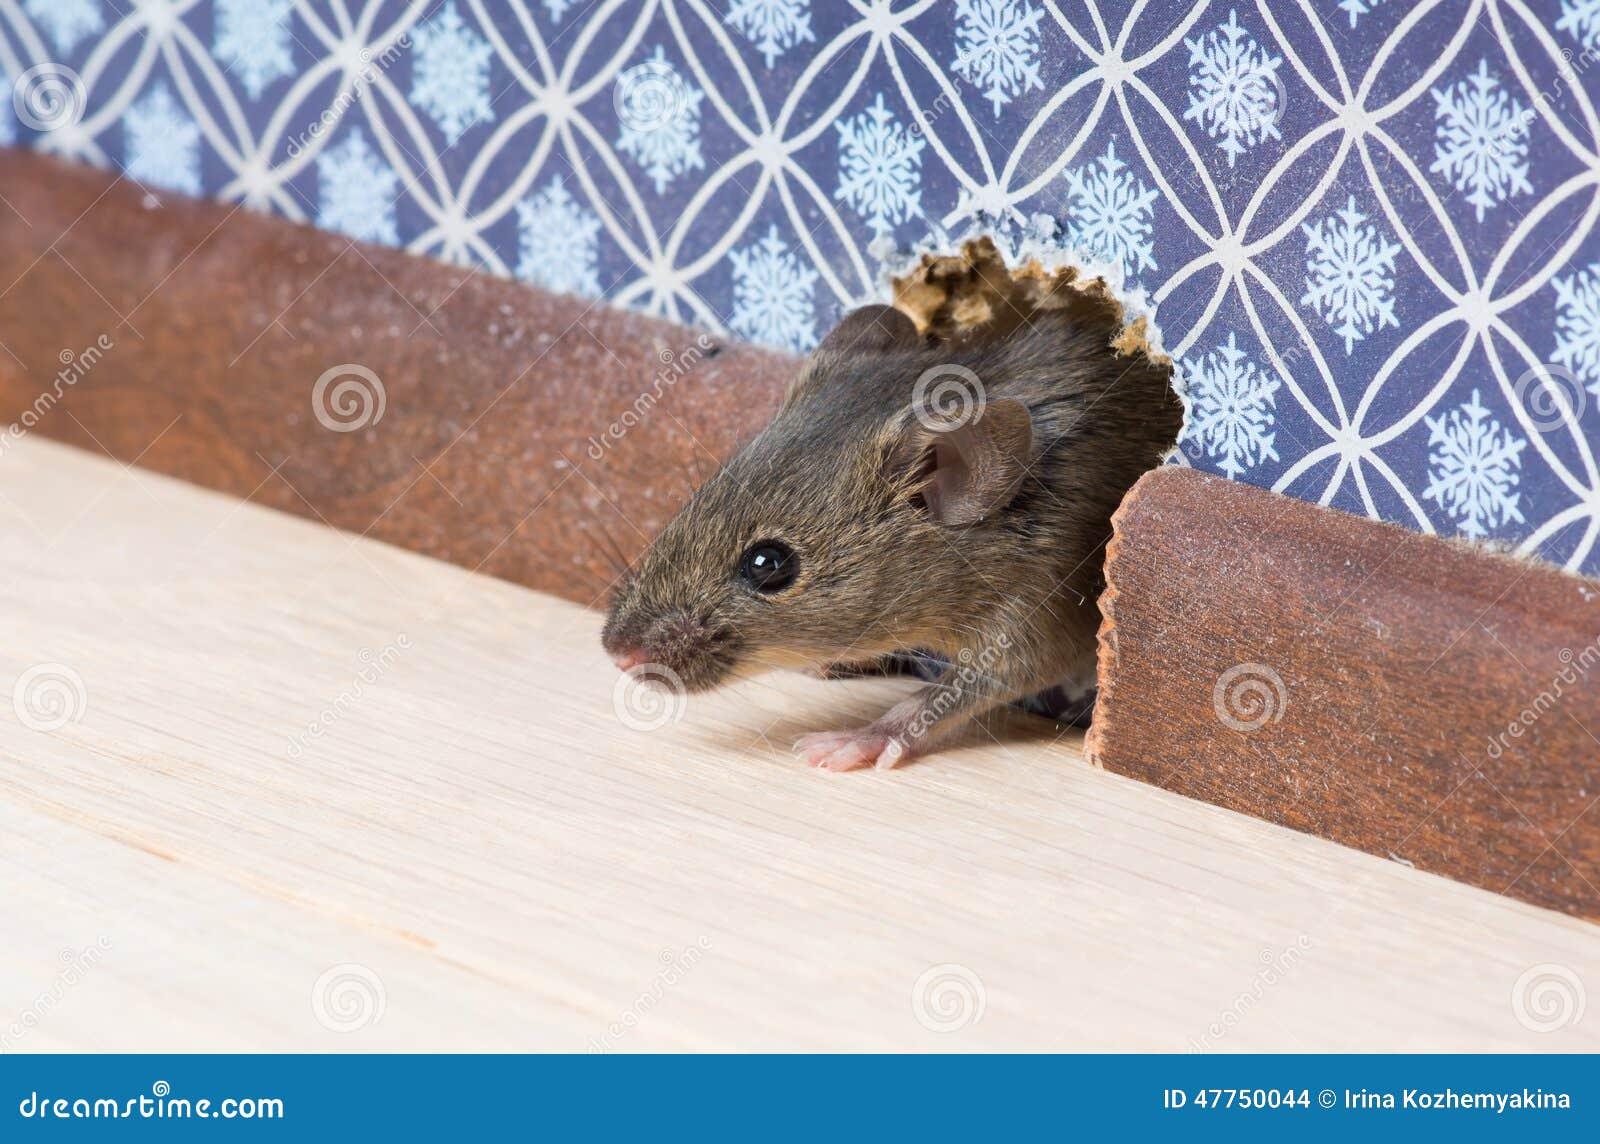 la souris de chambre musculus de mus entre dans la salle. Black Bedroom Furniture Sets. Home Design Ideas